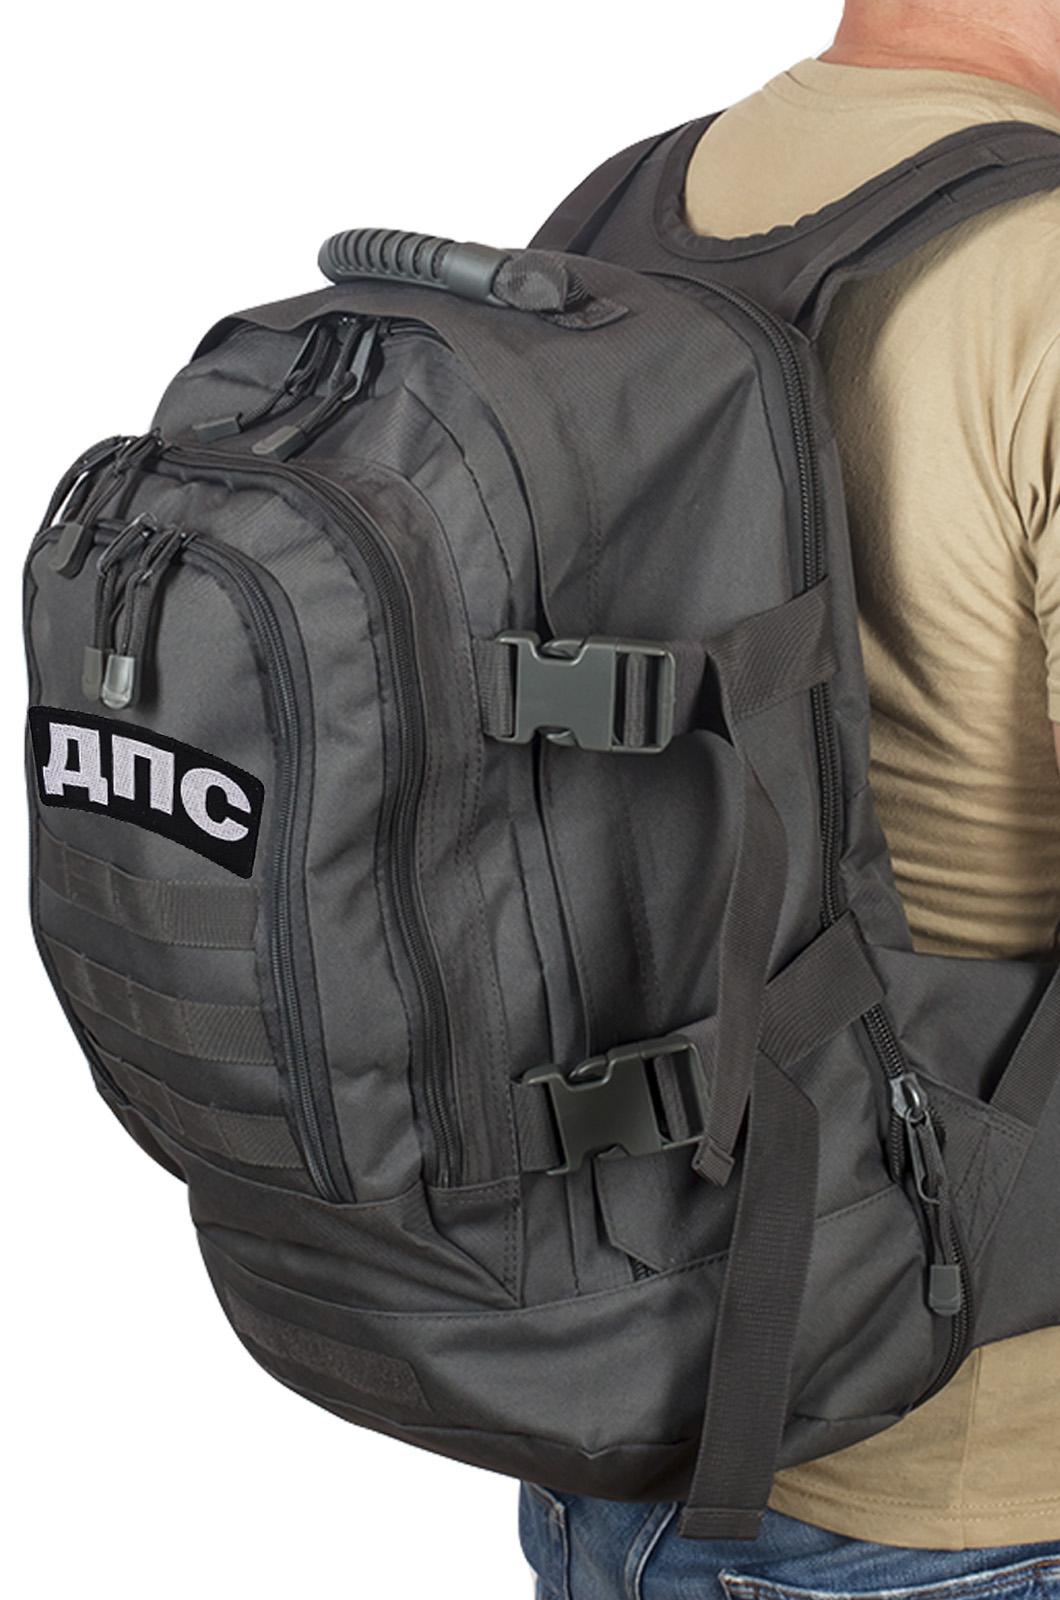 Мужской универсальный рюкзак ДПС - купить выгодно